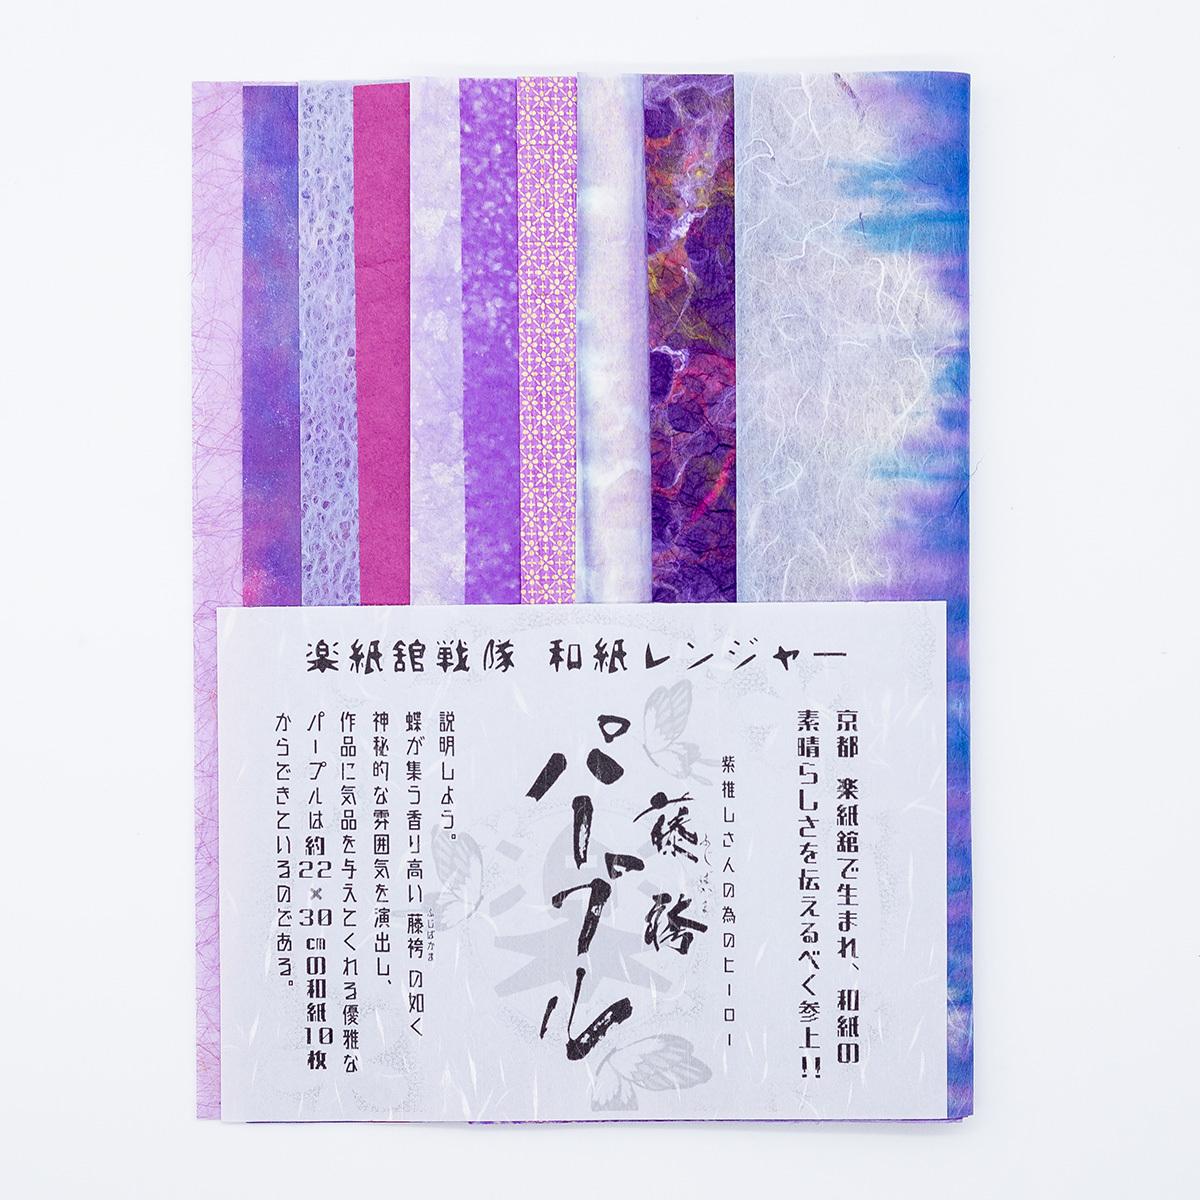 楽紙舘戦隊 和紙レンジャー 藤袴パープル